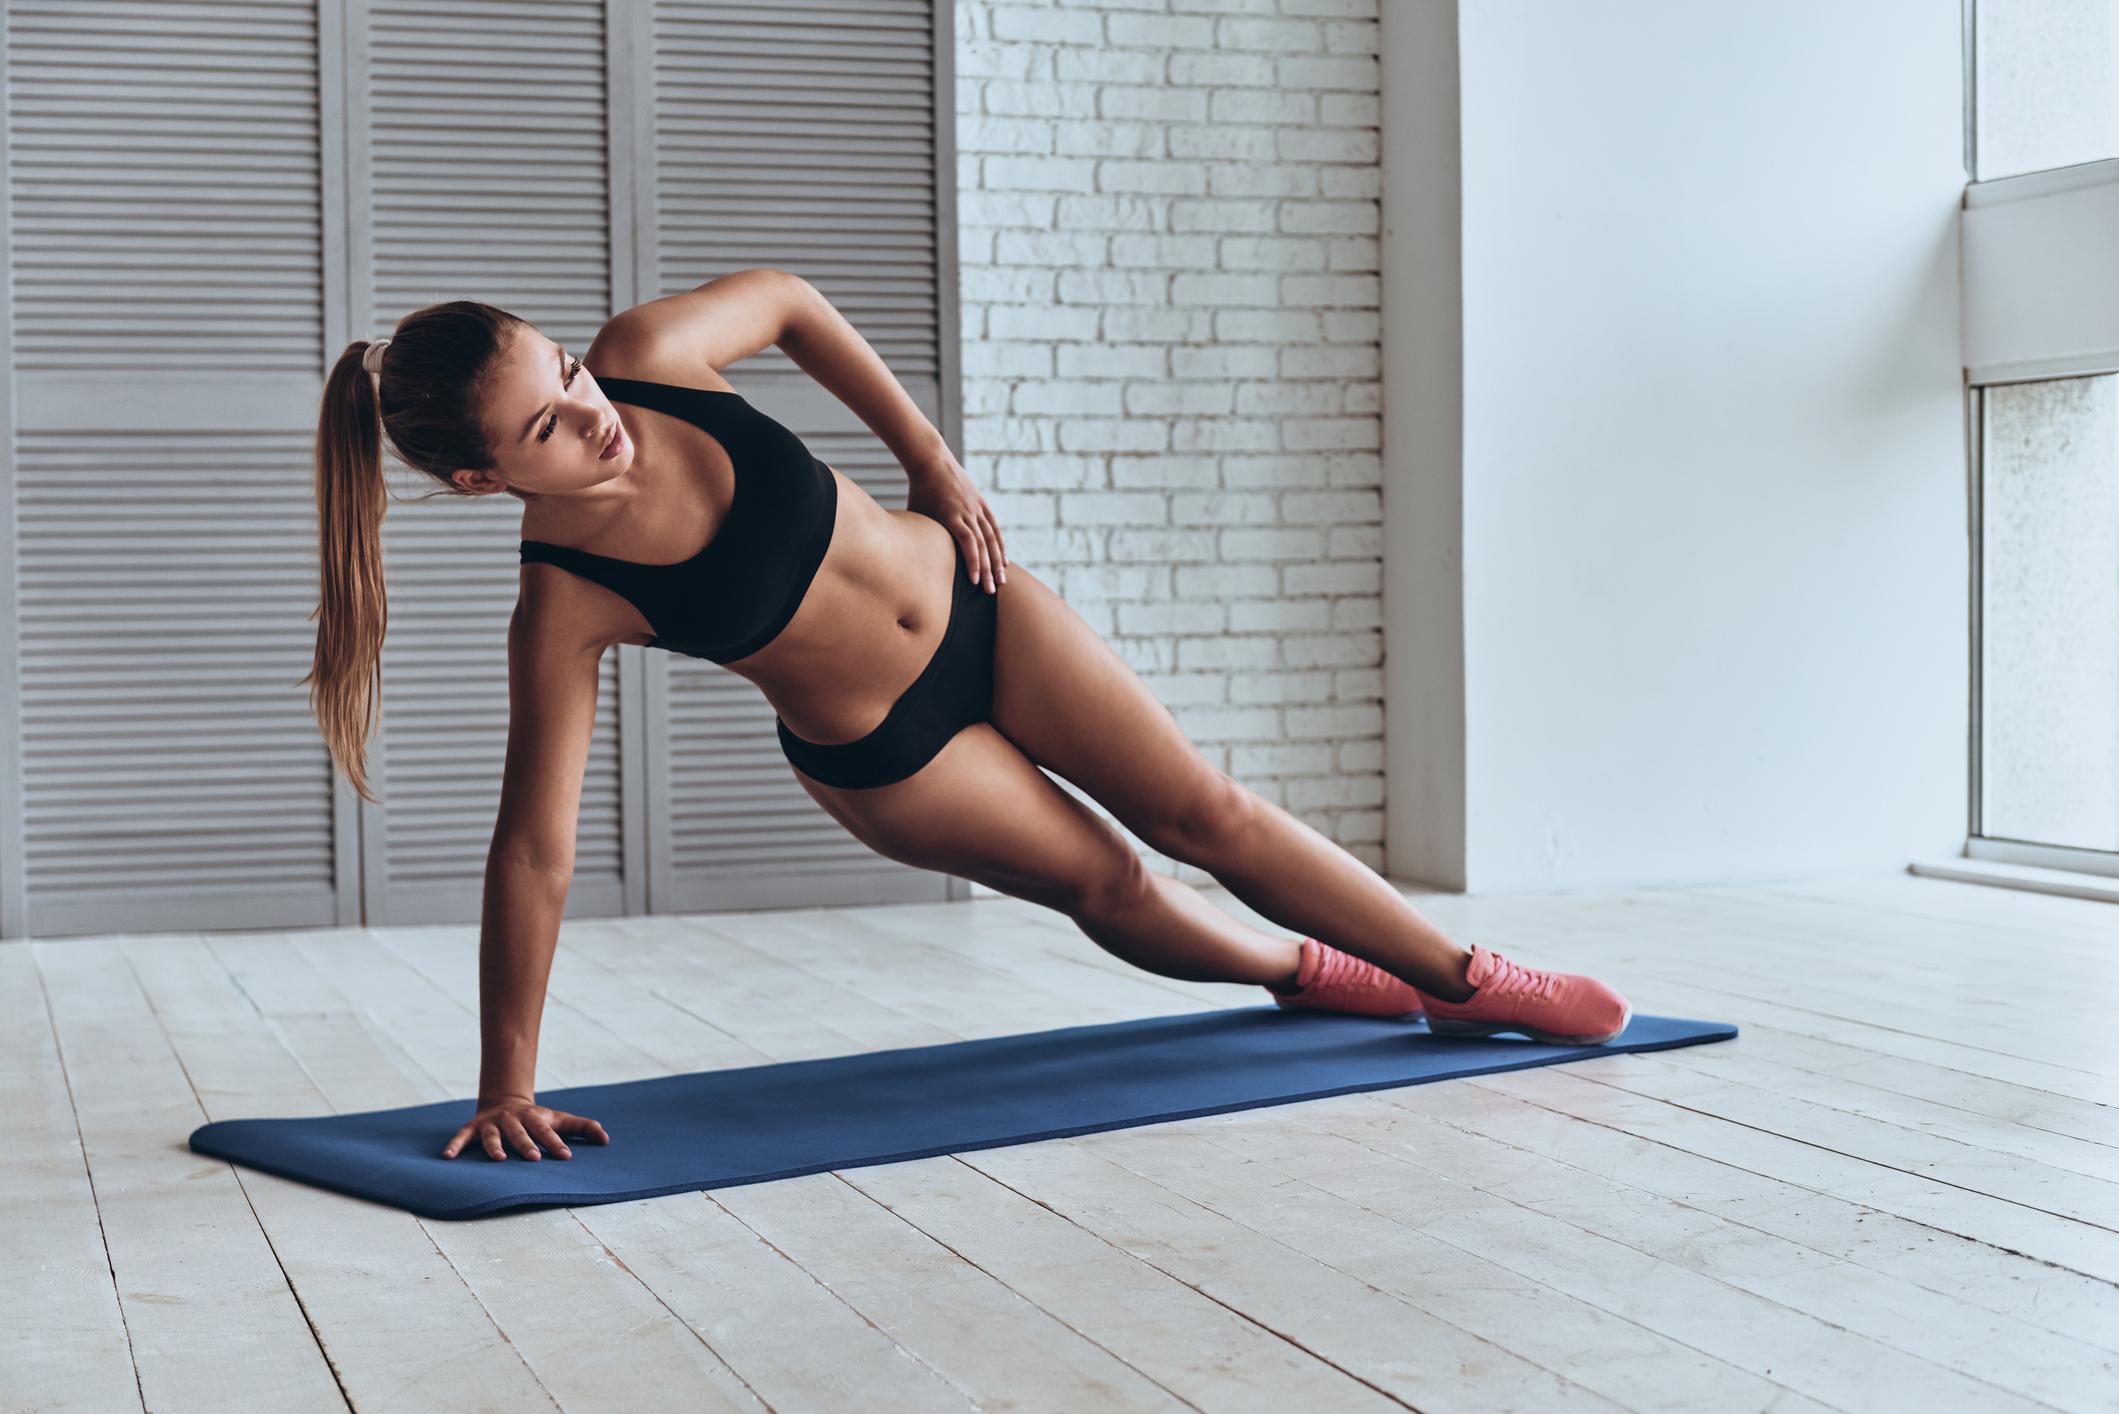 3 tipos de plancha para tonificar brazos, abdomen, piernas y glúteos sólo con tu peso